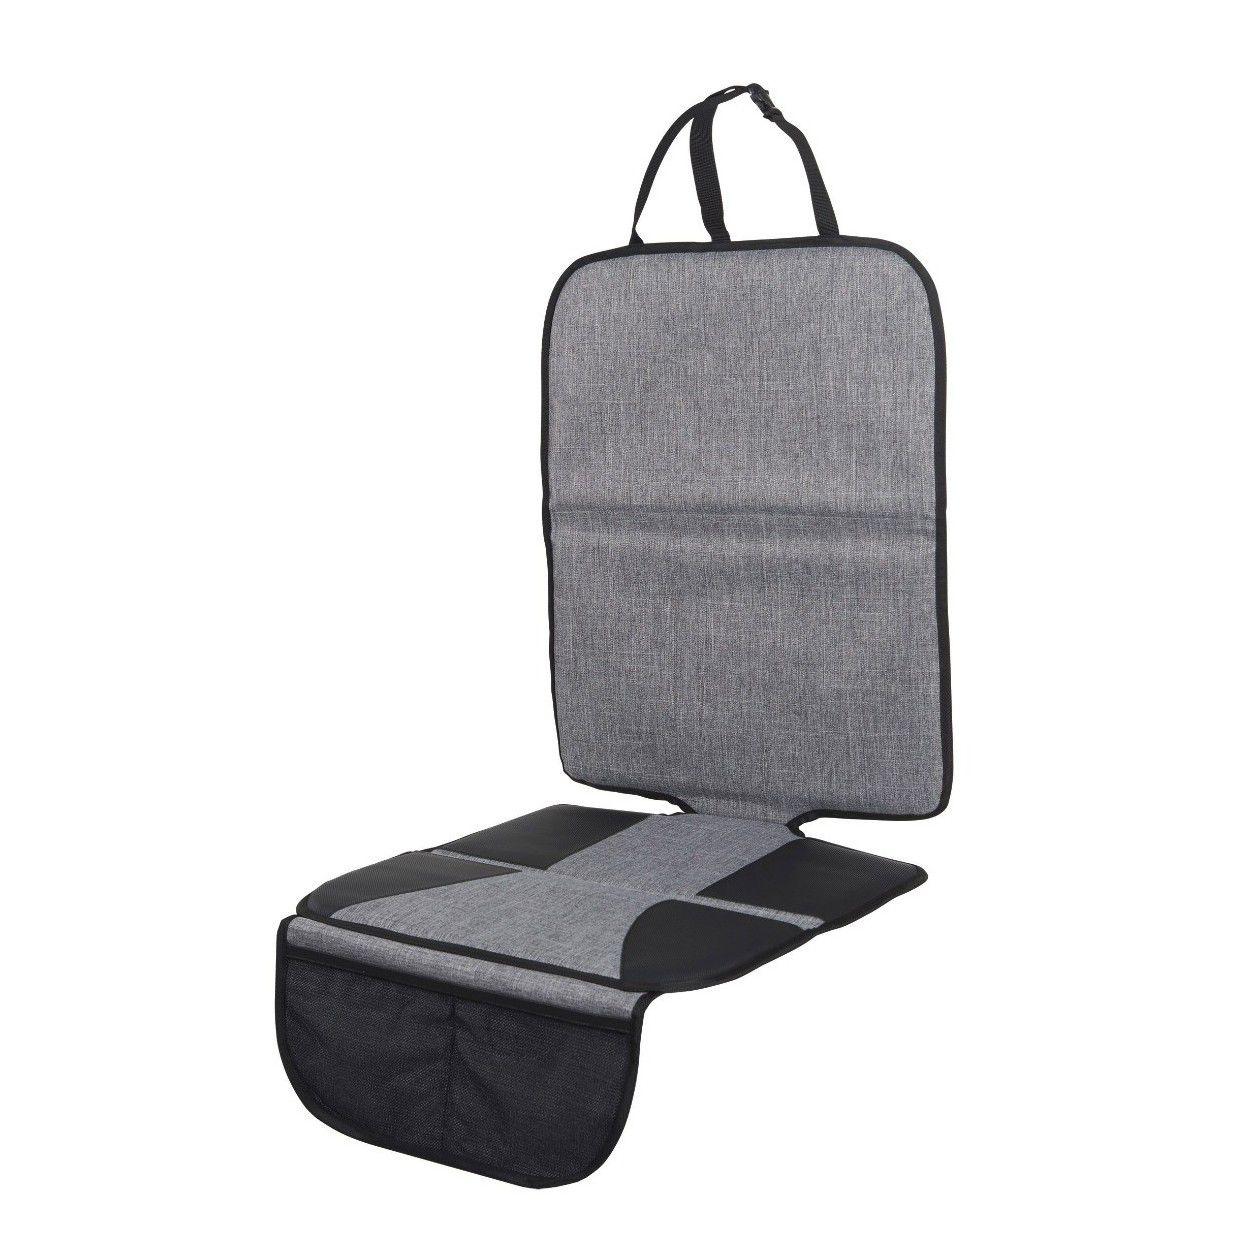 TINEO Protection de siège intégrale - S'utilise dès le plus jeune âge - Matière imperméable